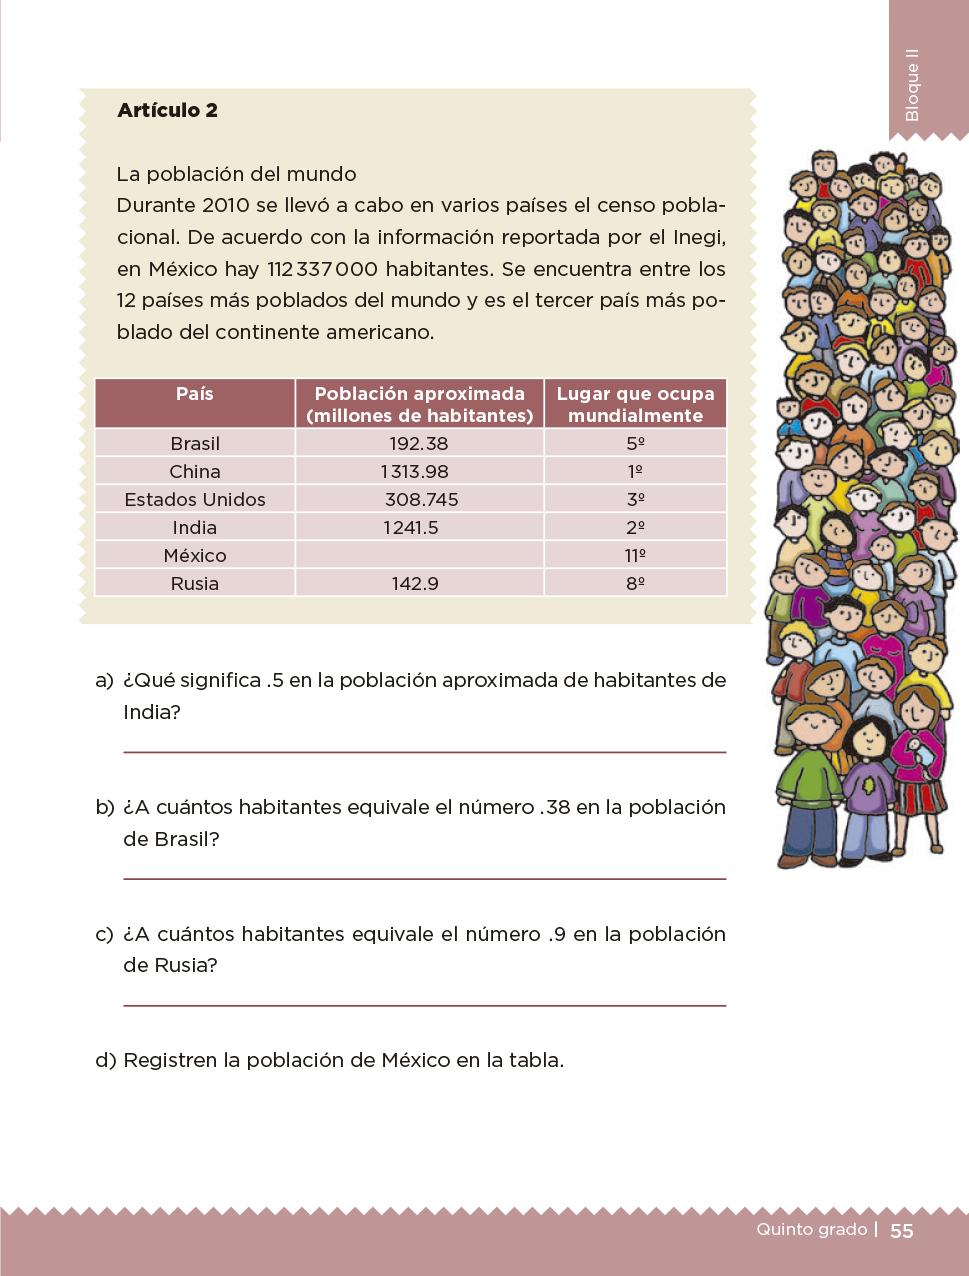 Desafios Matematicos Quinto Grado 2017 2018 Ciclo Escolar Centro De Descargas